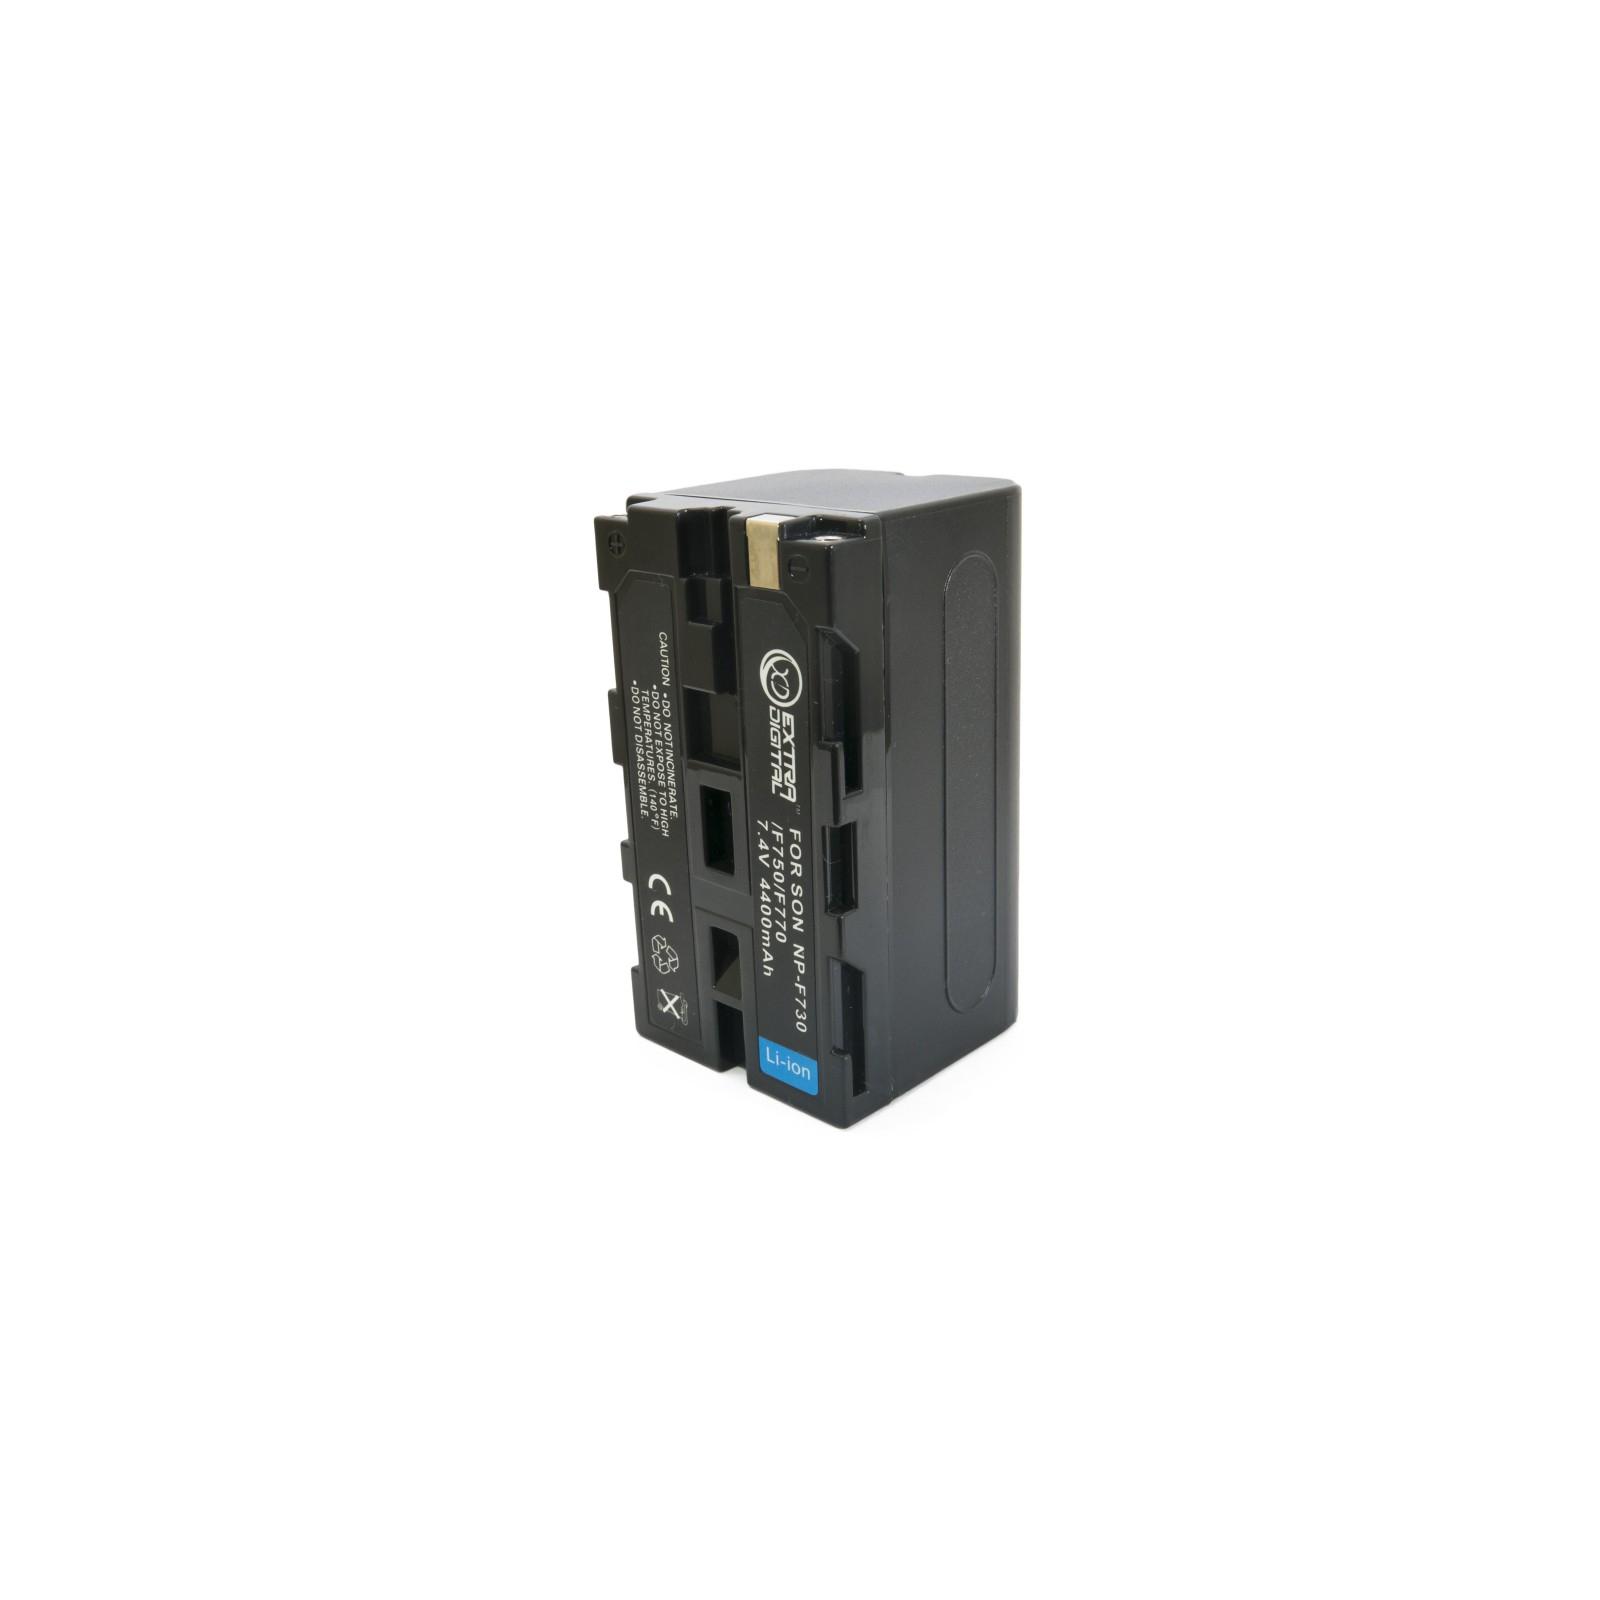 Аккумулятор к фото/видео EXTRADIGITAL Sony NP-F730 (BDS2650) изображение 4